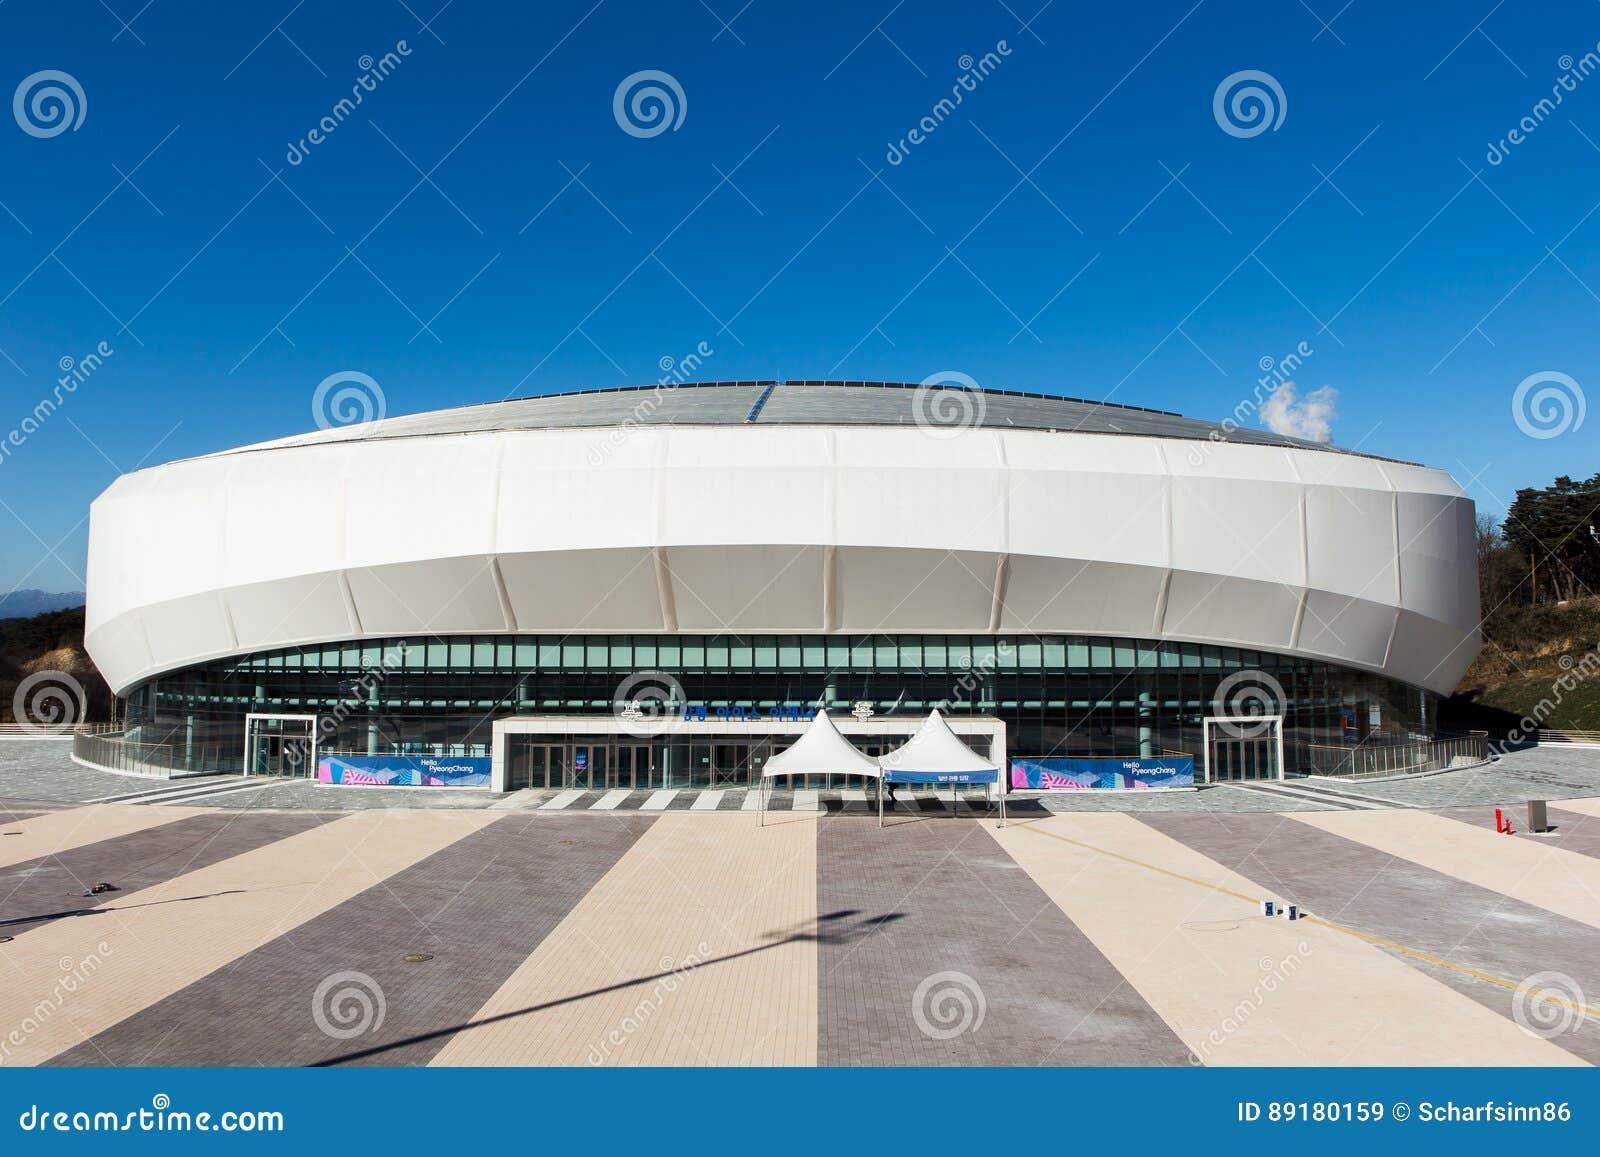 Gangneung South Korea January 2017 Gangneung Ice Arena Editorial Stock Image Image Of Pyeongchang Structure 89180159